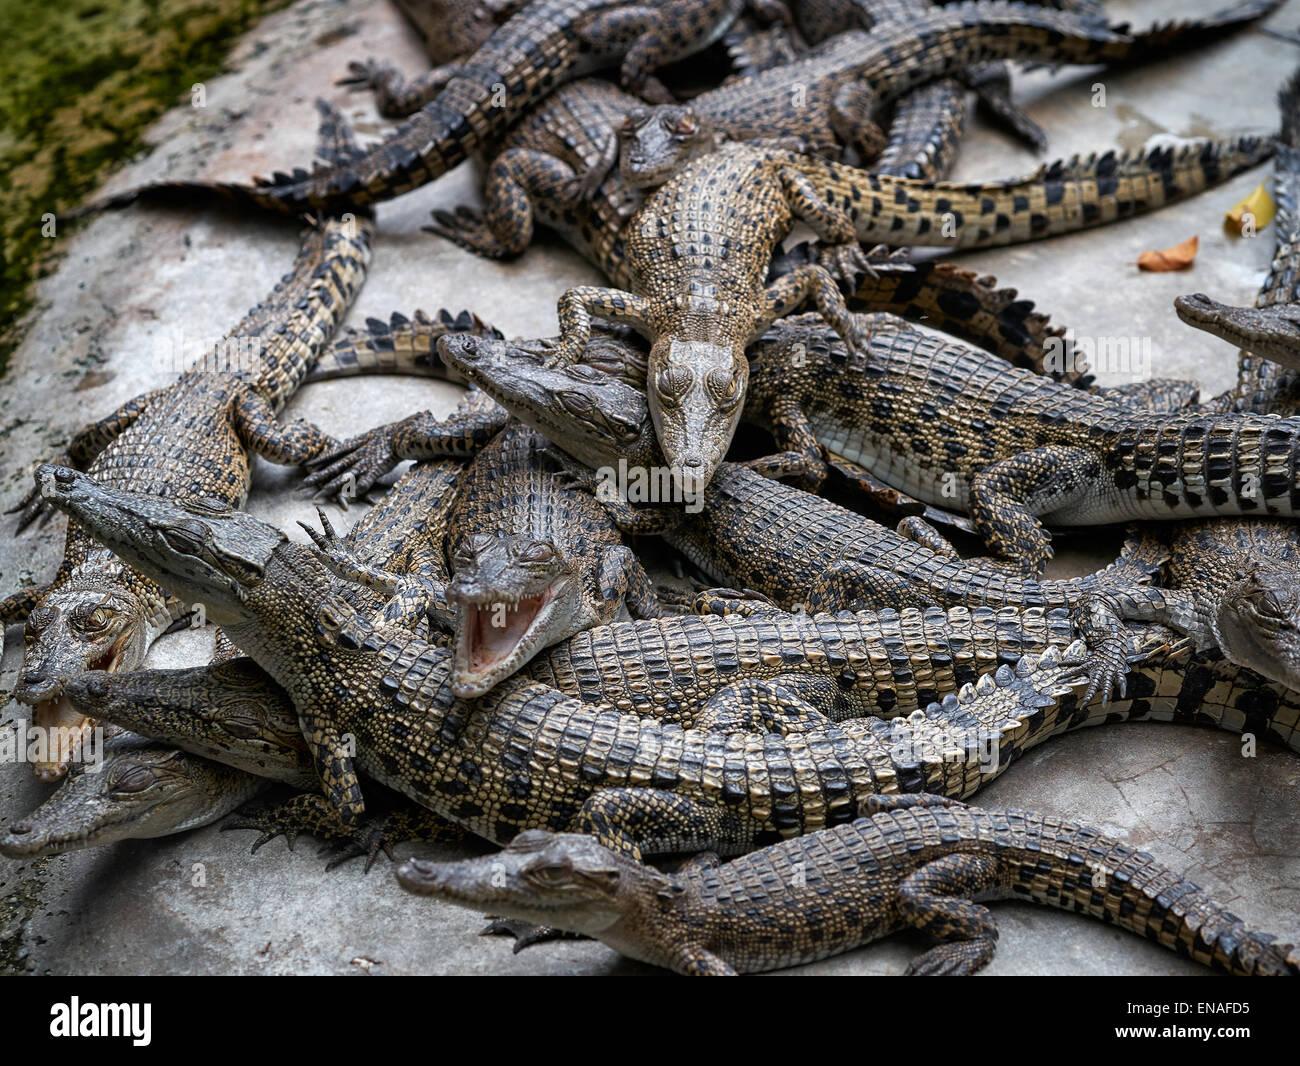 Baby crocodiles - Stock Image